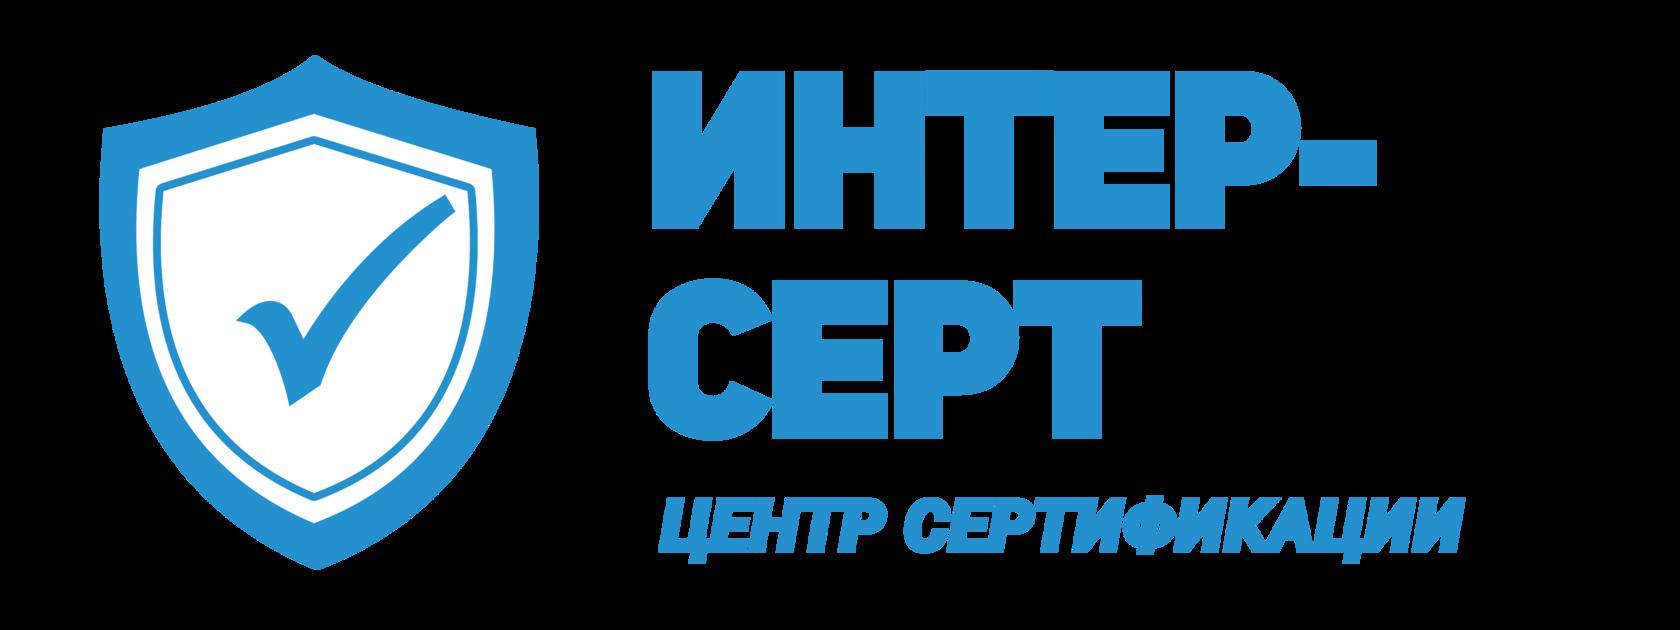 Центр сертификации Интер-Серт